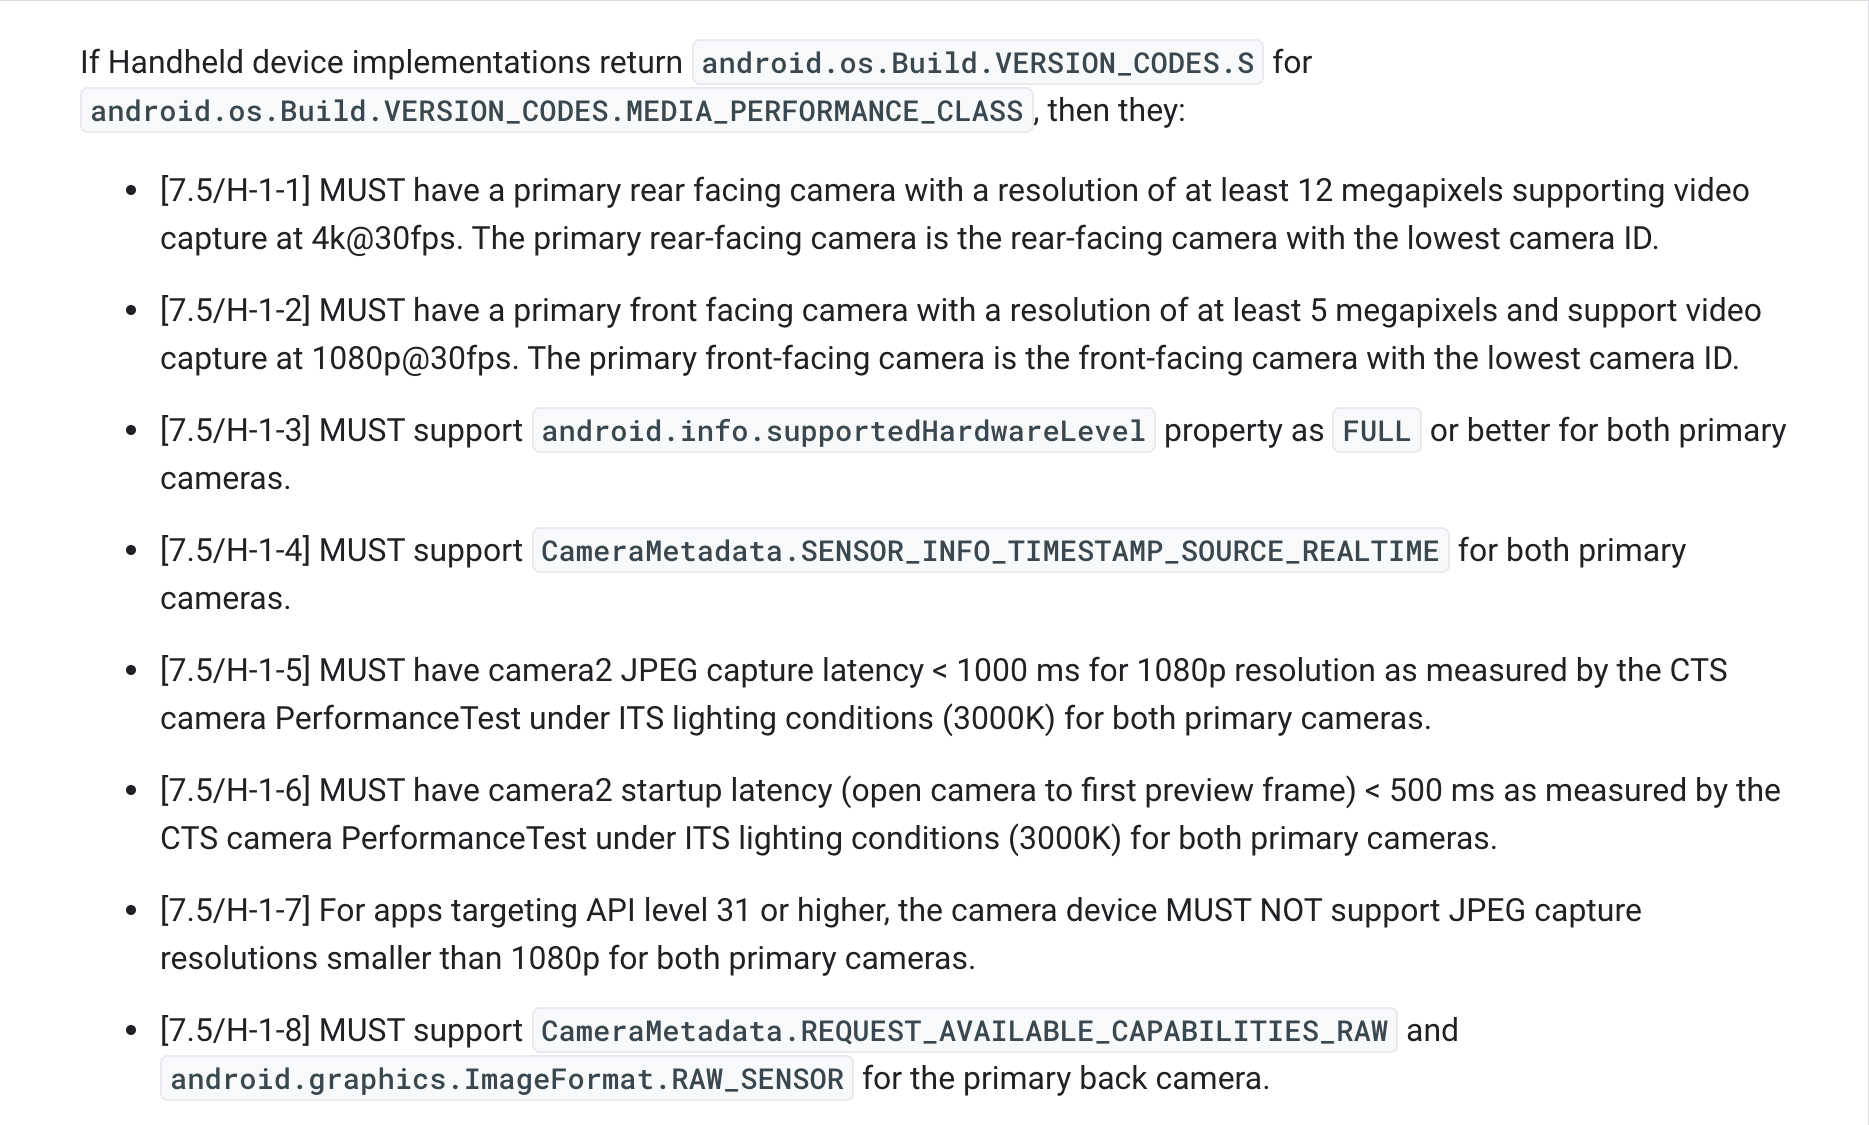 جوجل تطرح قائمة مواصفات تشغيل أندرويد 12